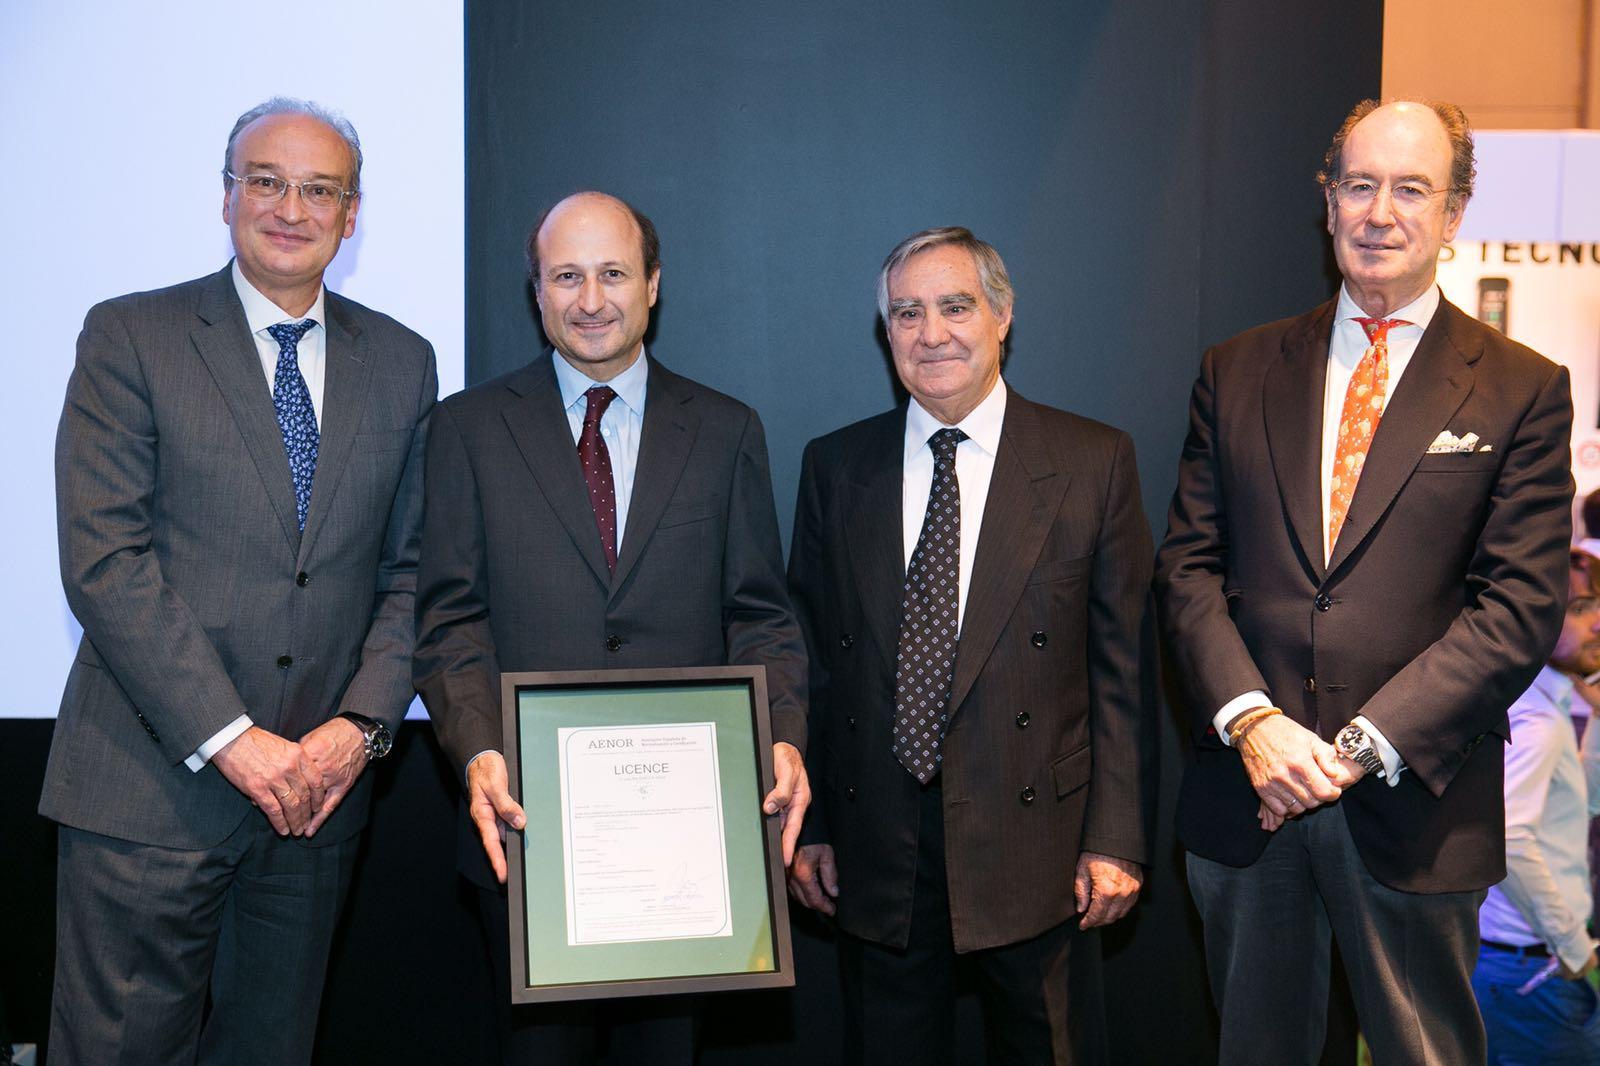 De izquierda a derecha, Avelino Brito es el nuevo Director General de la Asociación Española de Normalización y Certificación (AENOR), Luis Lopezbarrena (CEO del Grupo Simon), Carlos Esteban (Presidente de AENOR) y Alfredo Berges, presidente de Anfalum.